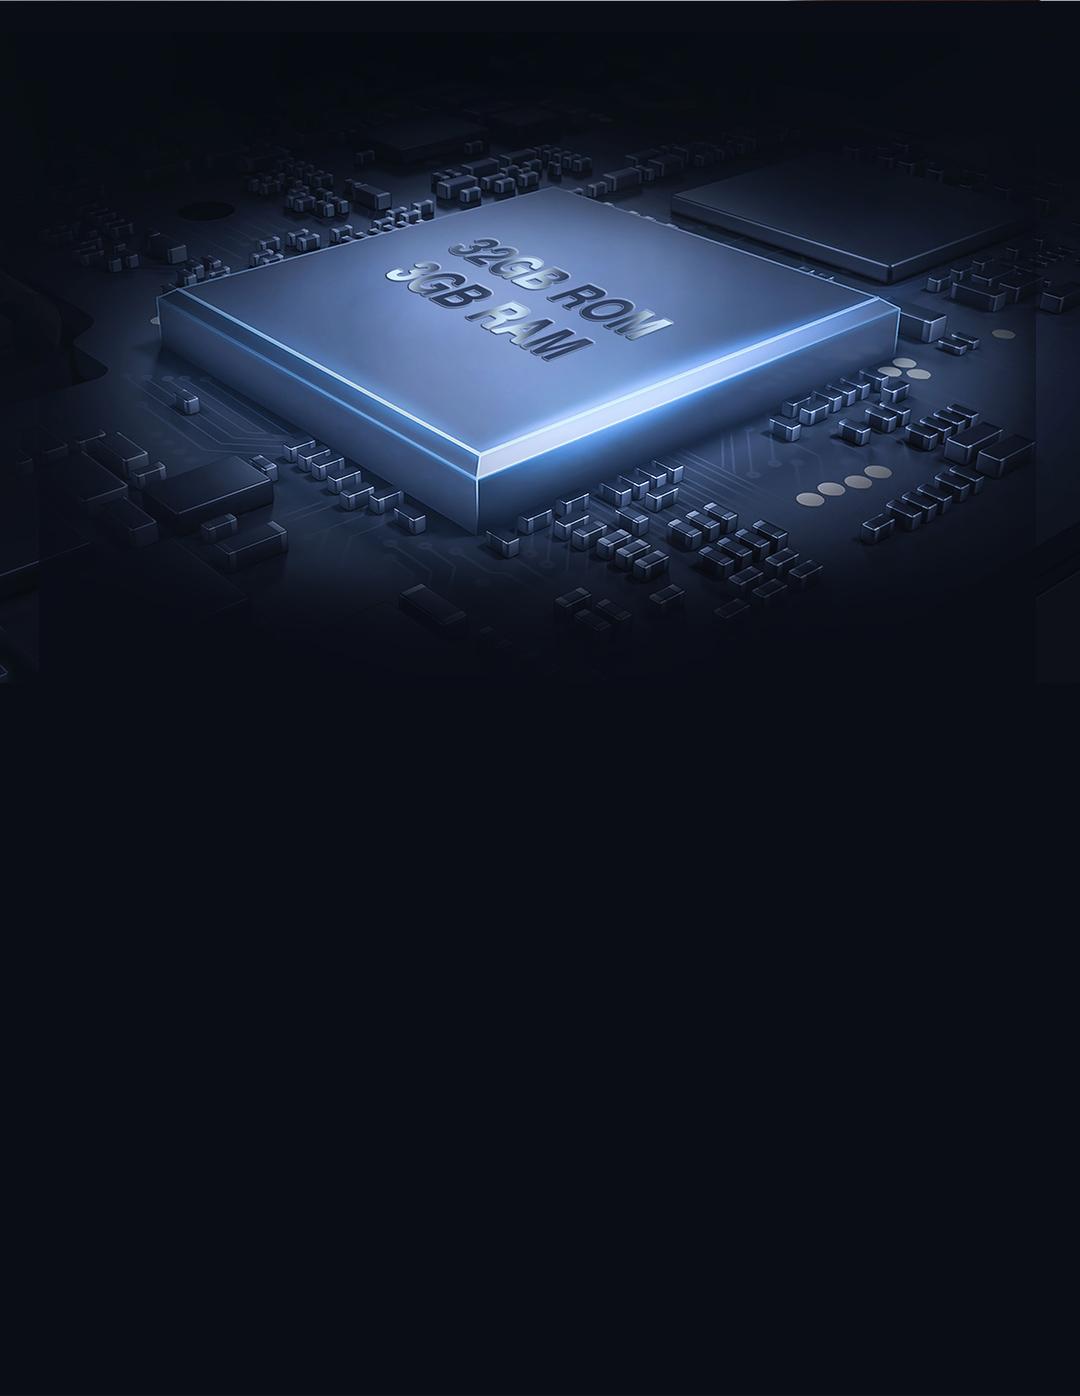 pouvoir-3-plus-mobile_07.jpg